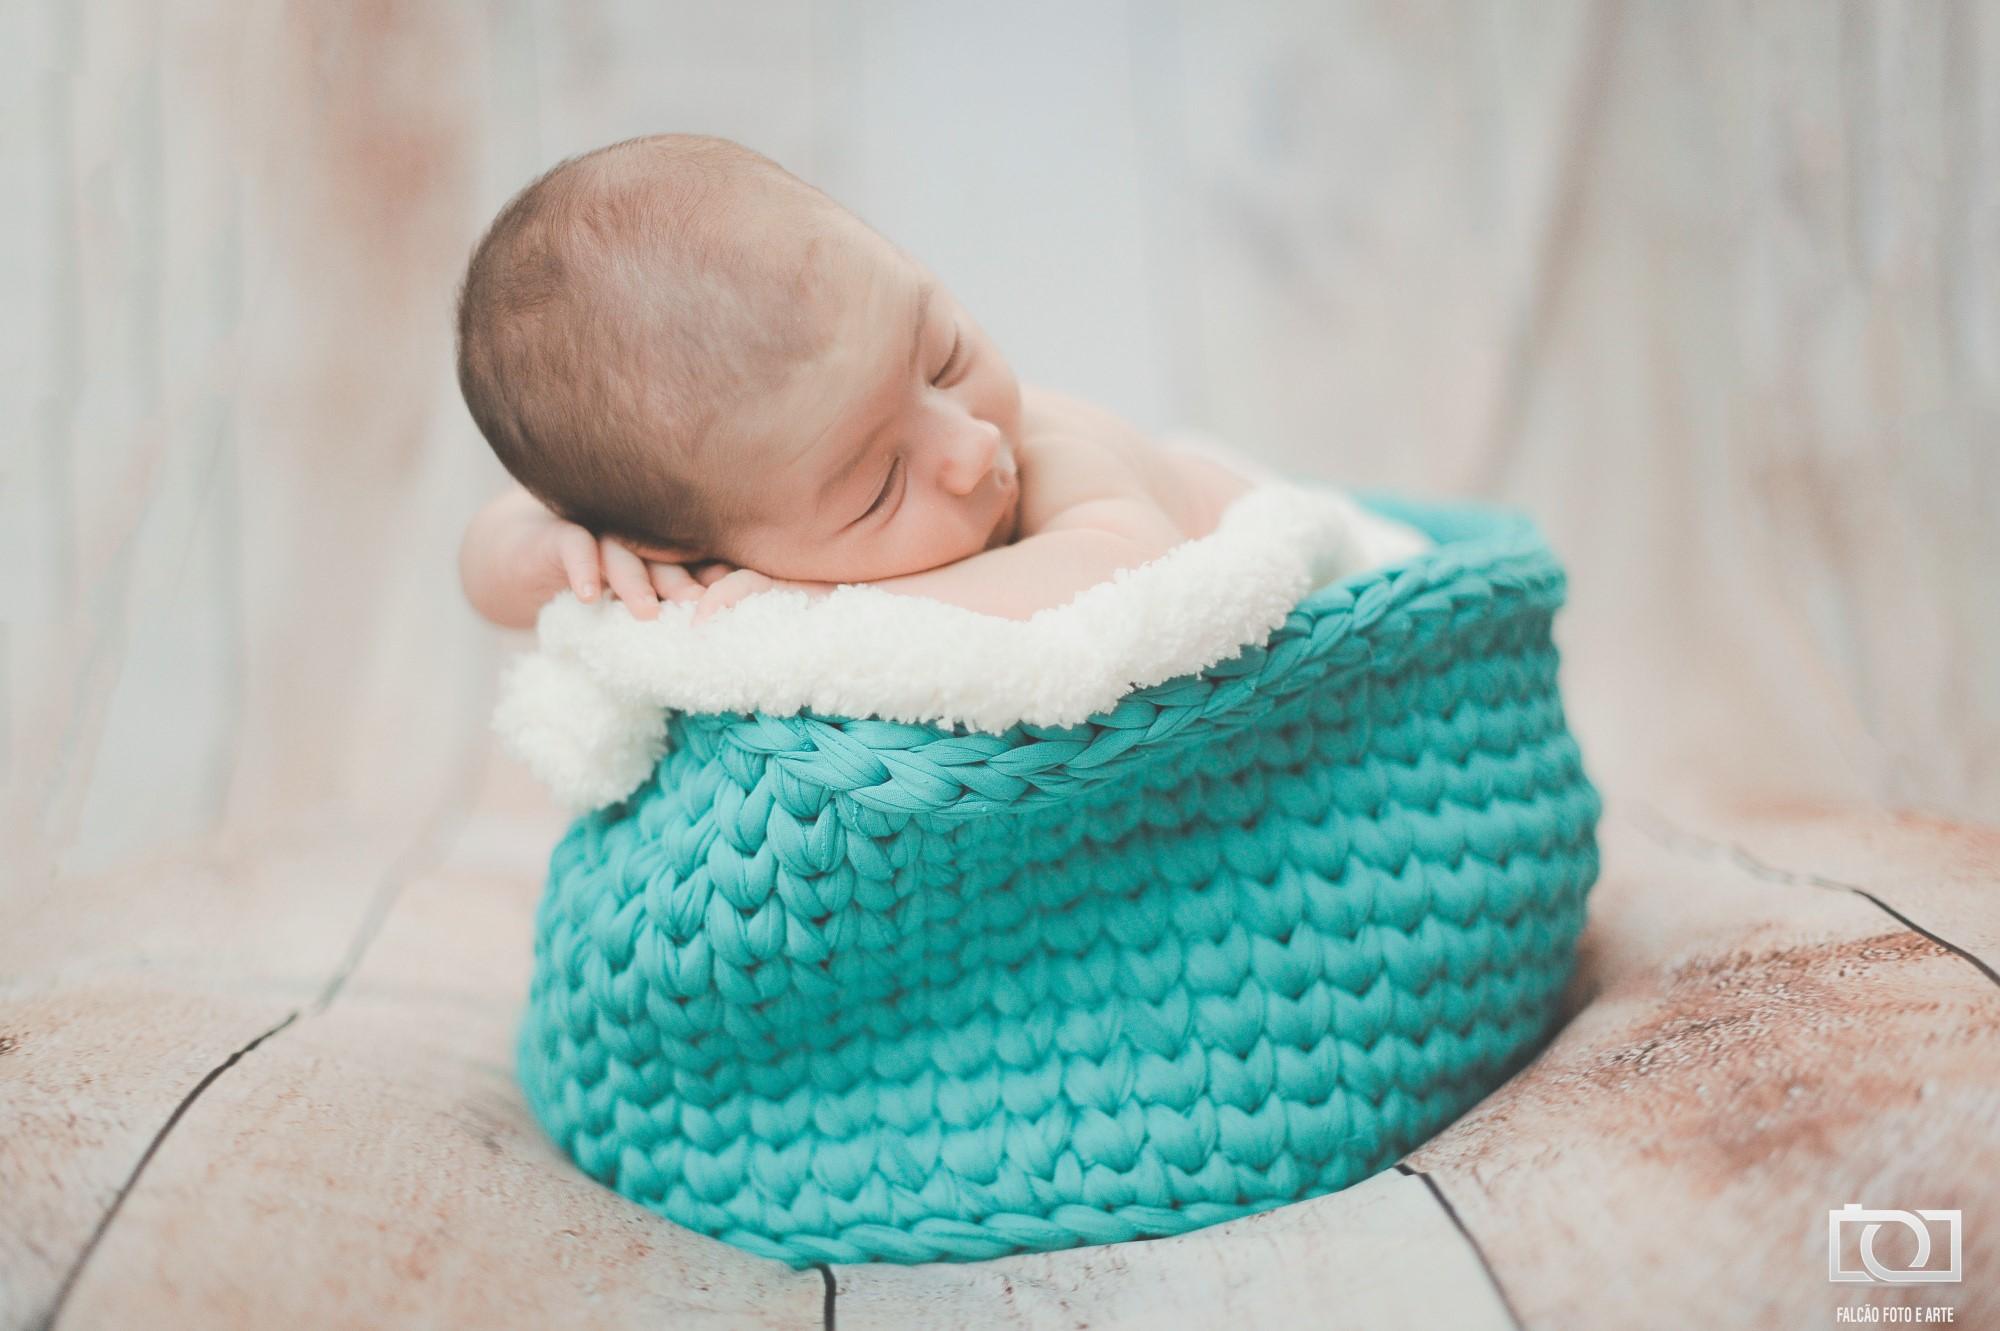 Foto de bebe deitado sobre uma toca azul claro